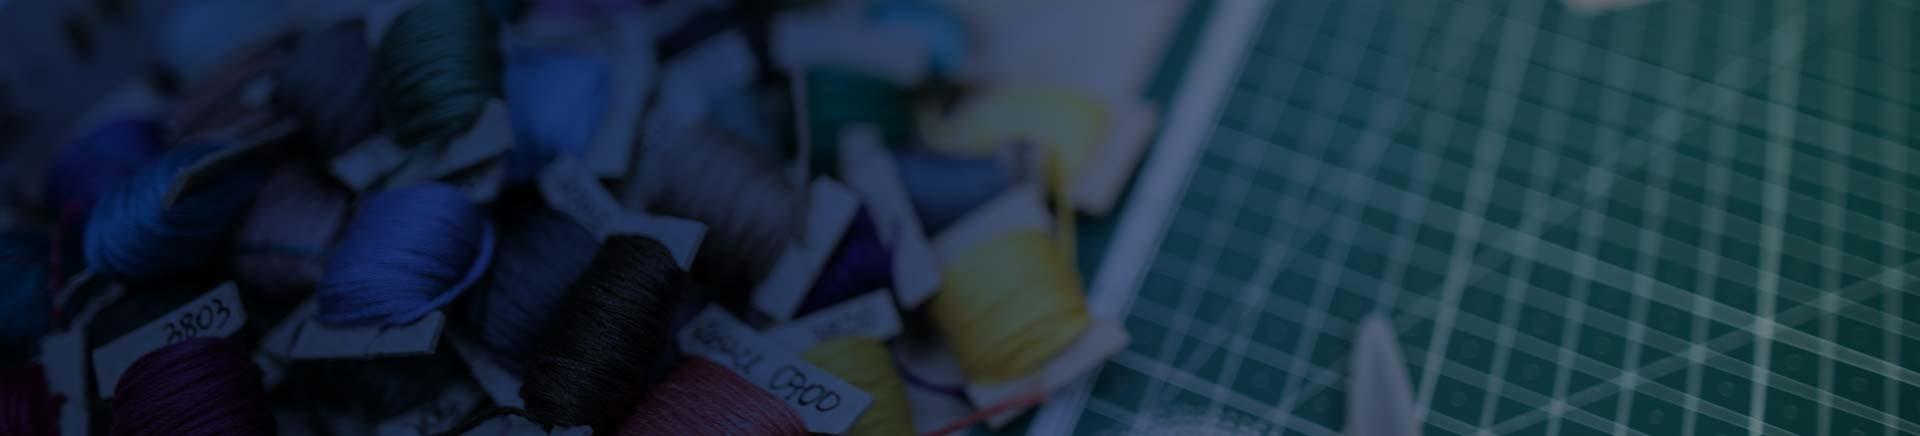 Nähzubehör – Kordeln kaufen | JAVRO Stoffmarkt